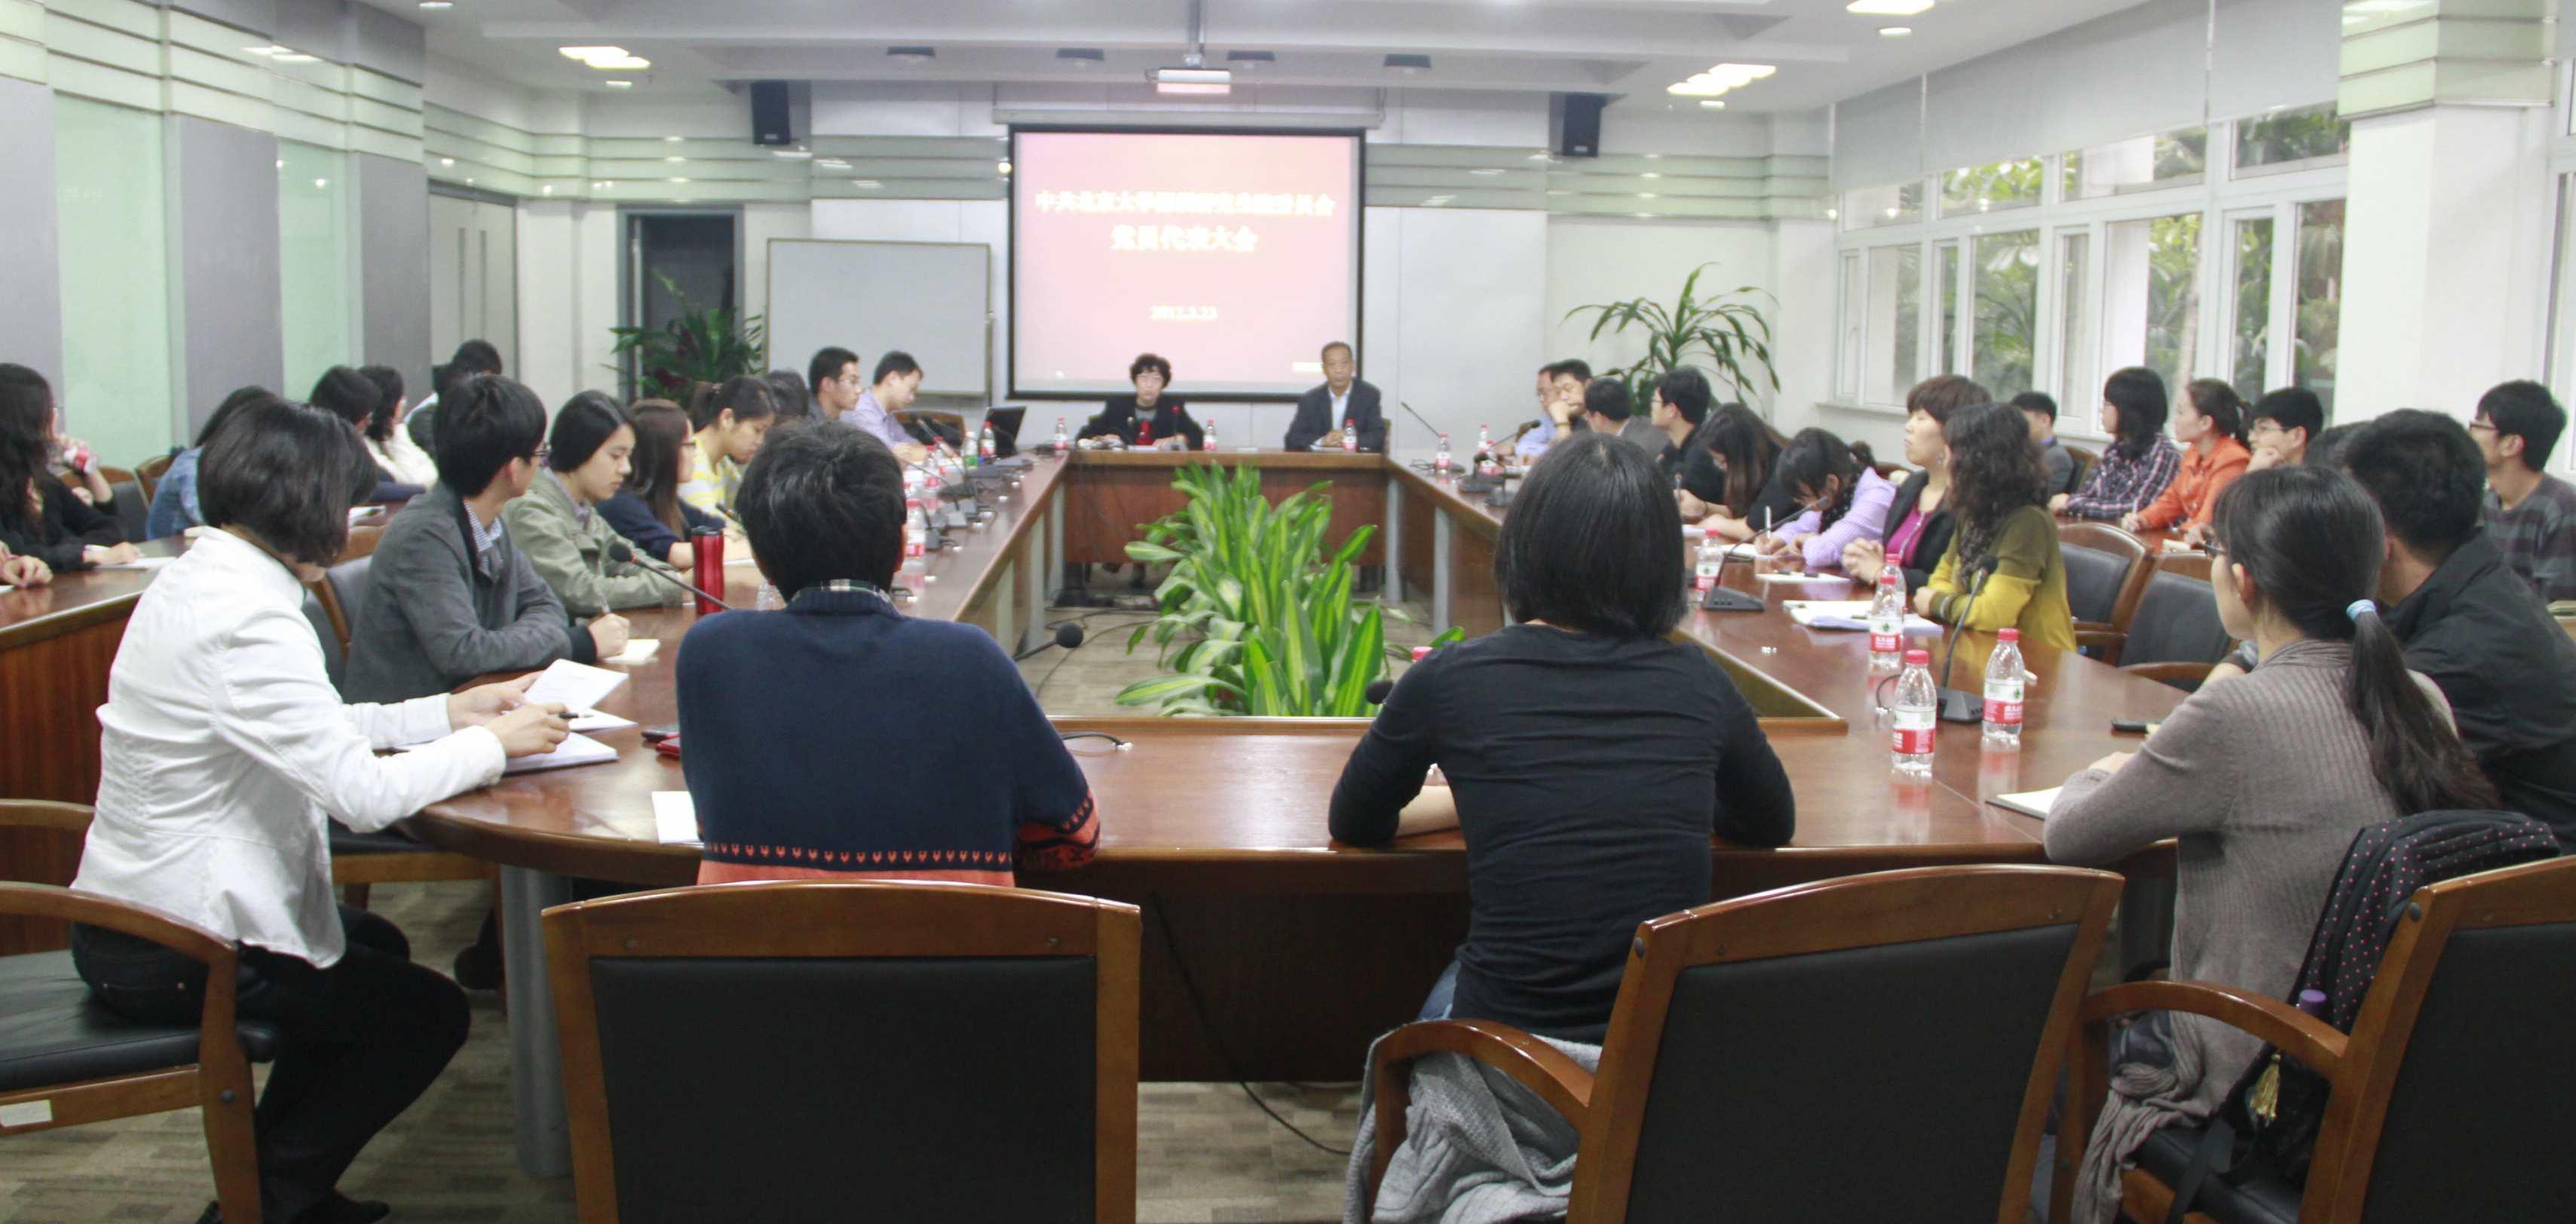 中共新时代赌场亚洲最佳委员会党员代表大会顺利召开